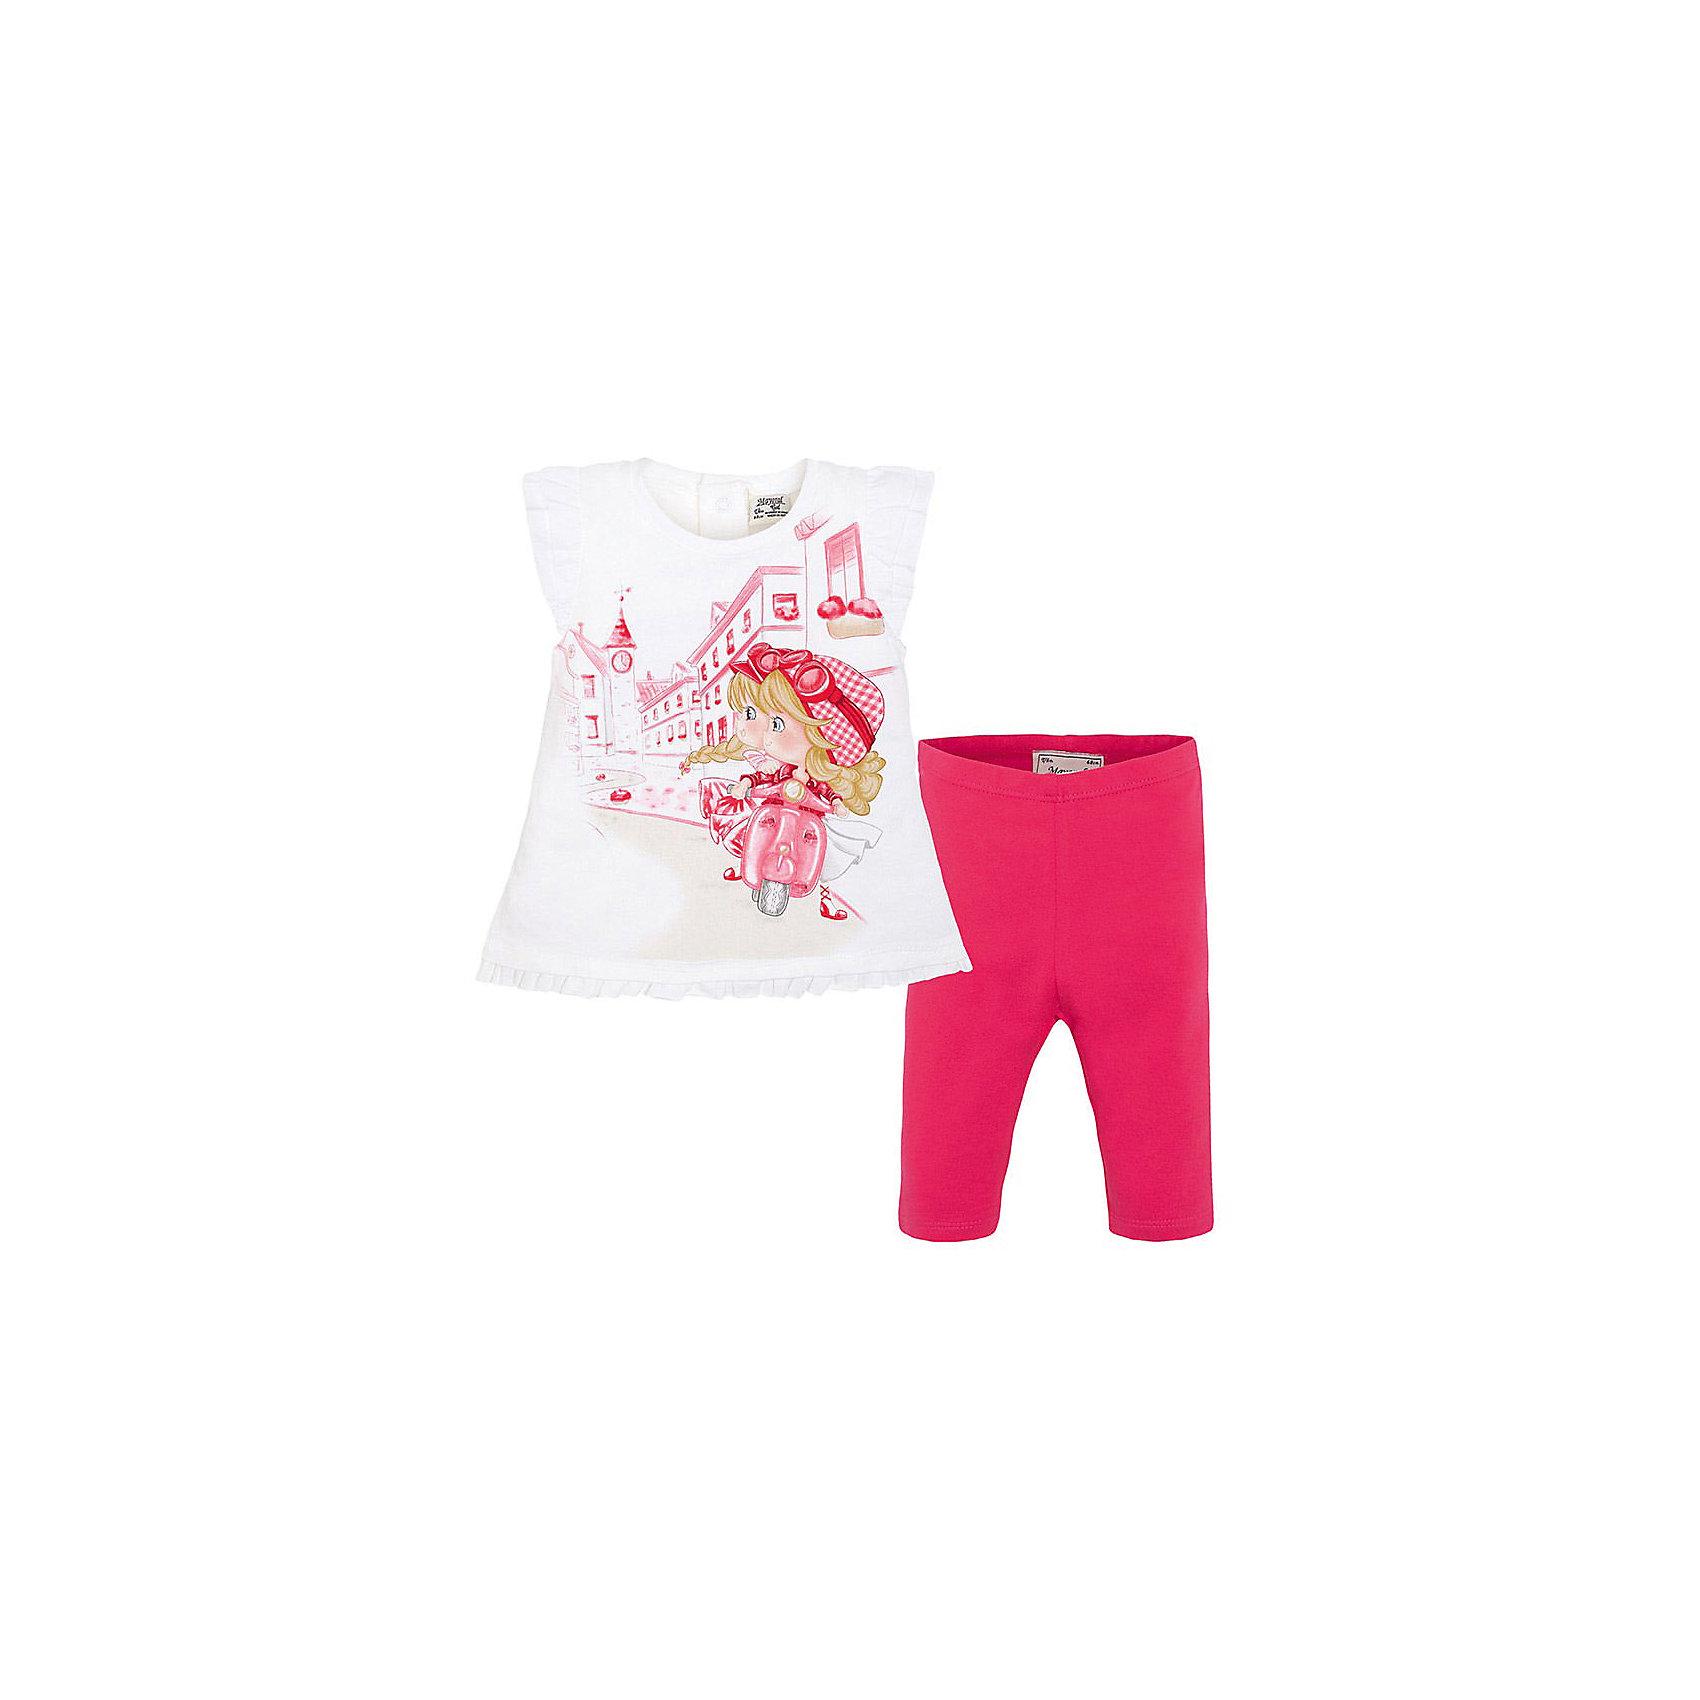 Комплект для девочки: футболка и леггинсы MayoralКомплект: леггинсы и футболка для девочки от испанской марки Mayoral приведет в восторг юных модниц.<br><br>Дополнительная информация:<br><br>- Мягкая, приятная на ощупь ткань.<br>- Крой футболки: трапеция.<br>- Округлый вырез горловины.<br>- Оригинальный принт. <br>- Футболка застегивается на кнопки на спине. <br>- Оборки по низу. <br>- Леггинсы на эластичном поясе с резинкой.<br>- Отлично смотрятся на фигуре.<br>- Состав: 92% хлопок, 8% эластан. <br><br>Комплект: леггинсы и футболку для девочки Mayoral (Майорал) можно купить в нашем магазине.<br><br>Ширина мм: 199<br>Глубина мм: 10<br>Высота мм: 161<br>Вес г: 151<br>Цвет: красный<br>Возраст от месяцев: 6<br>Возраст до месяцев: 9<br>Пол: Женский<br>Возраст: Детский<br>Размер: 74,92,86,80<br>SKU: 4537948